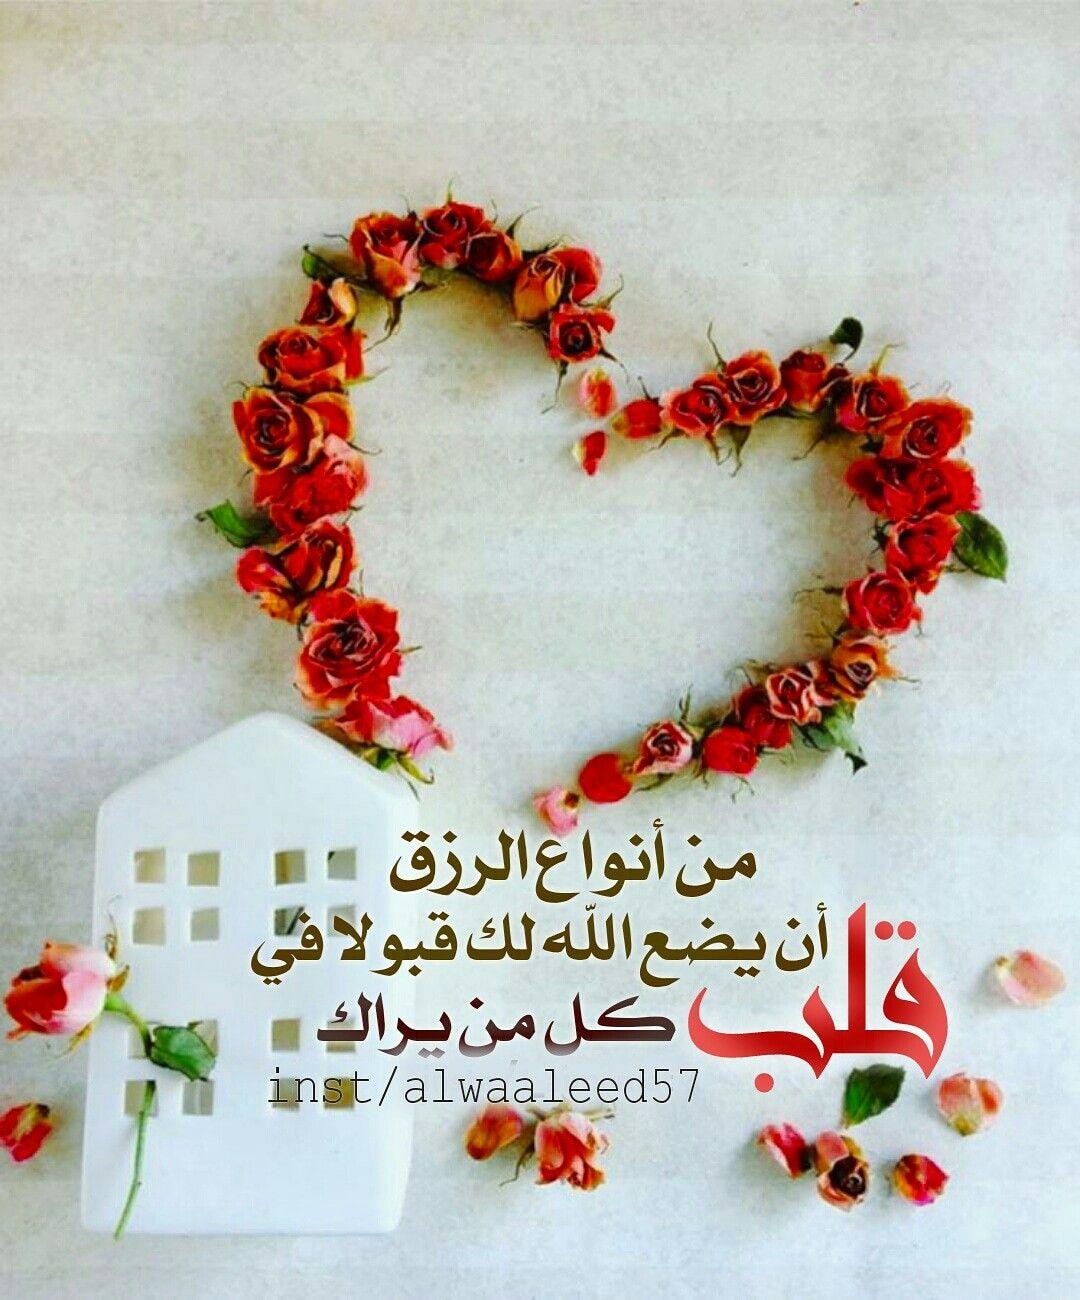 ص ل ت ك بـربك هي بوابتك للحياة و على ق در ع مق ها ت كون حياتك رائعة اللهم لاتحرمنا قربك فانت بما في القلوب اعلم Qoutes Quran Quotes Wreaths